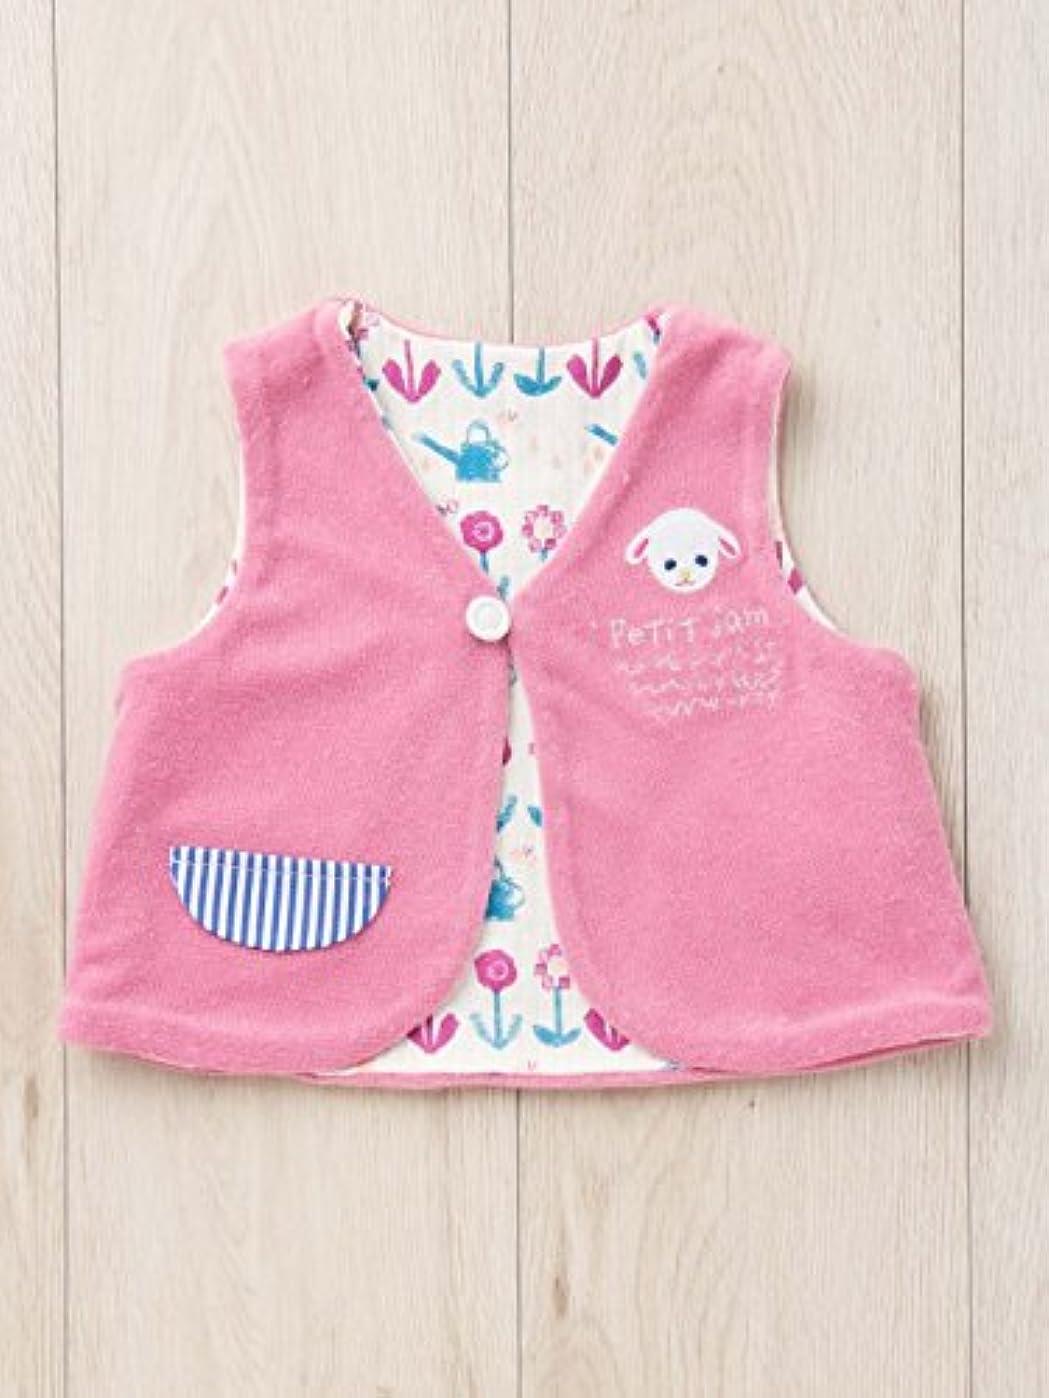 相関すると組むひらめきPetit jam プチジャム ベビー リバーシブル ベスト 赤ちゃん ベビー服 羽織もの 防寒対策